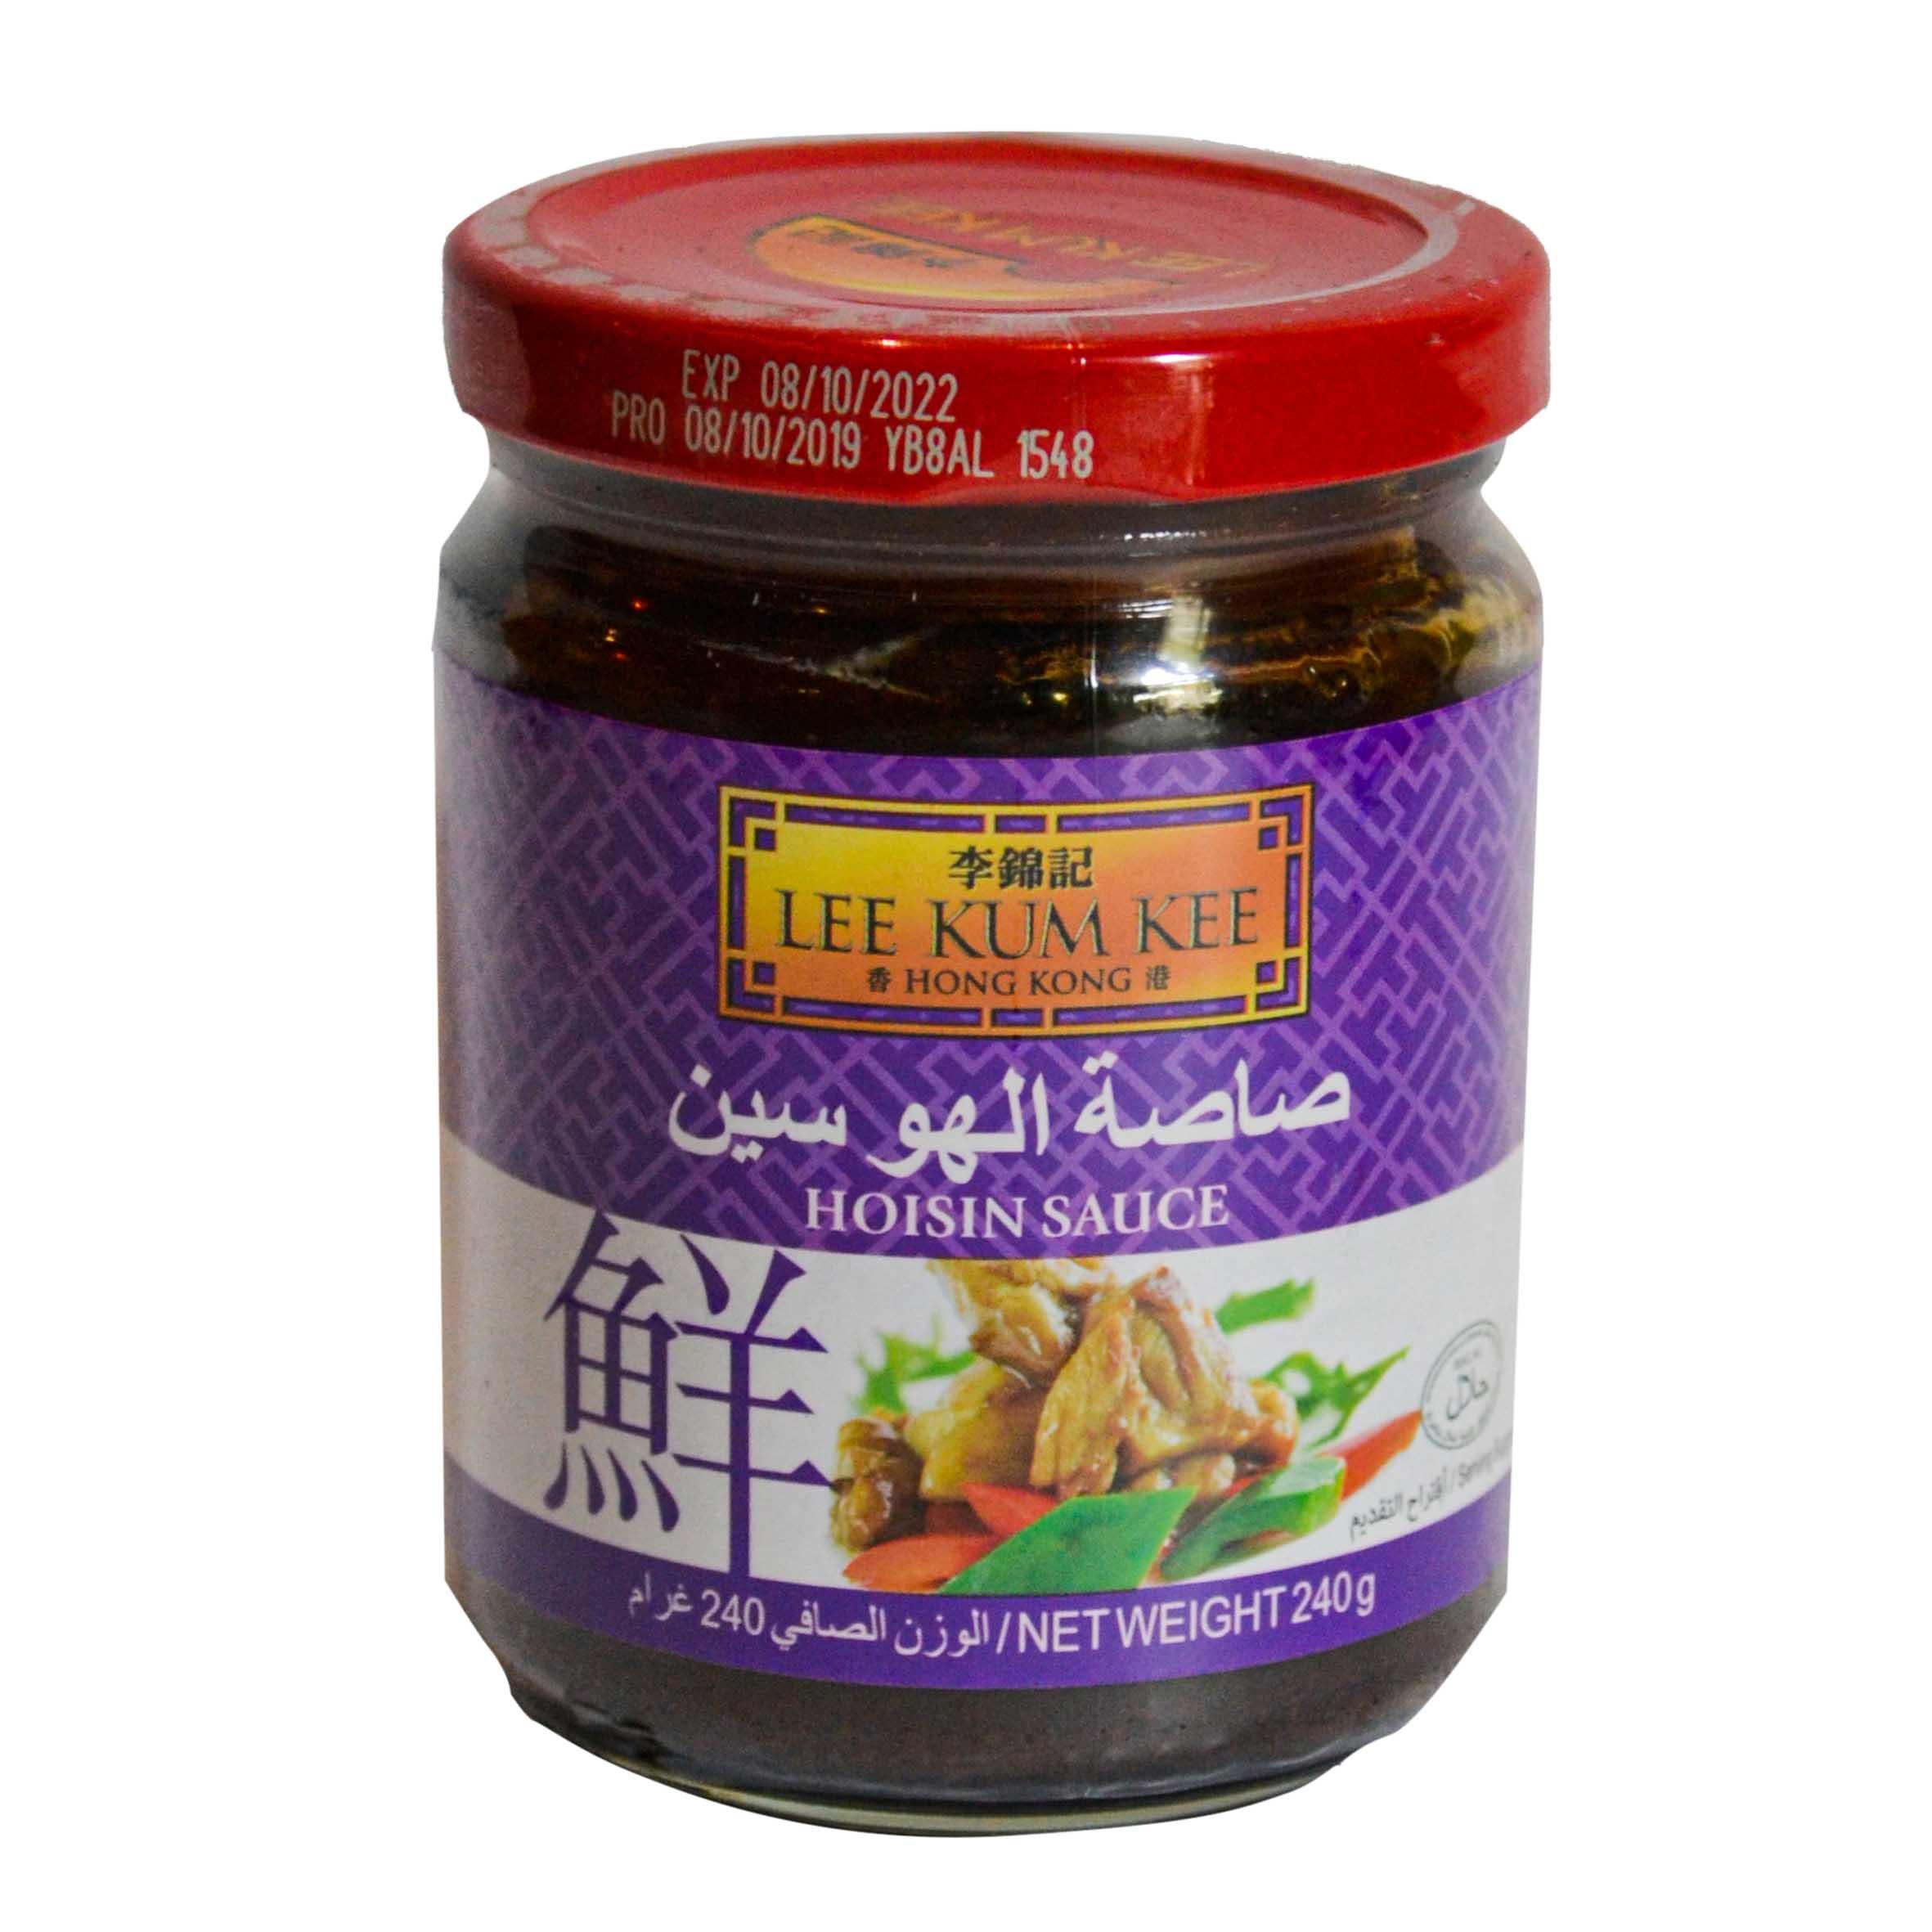 Соус Hoisin - один из самых вкусных соусов в азиатской кухне. 240 g